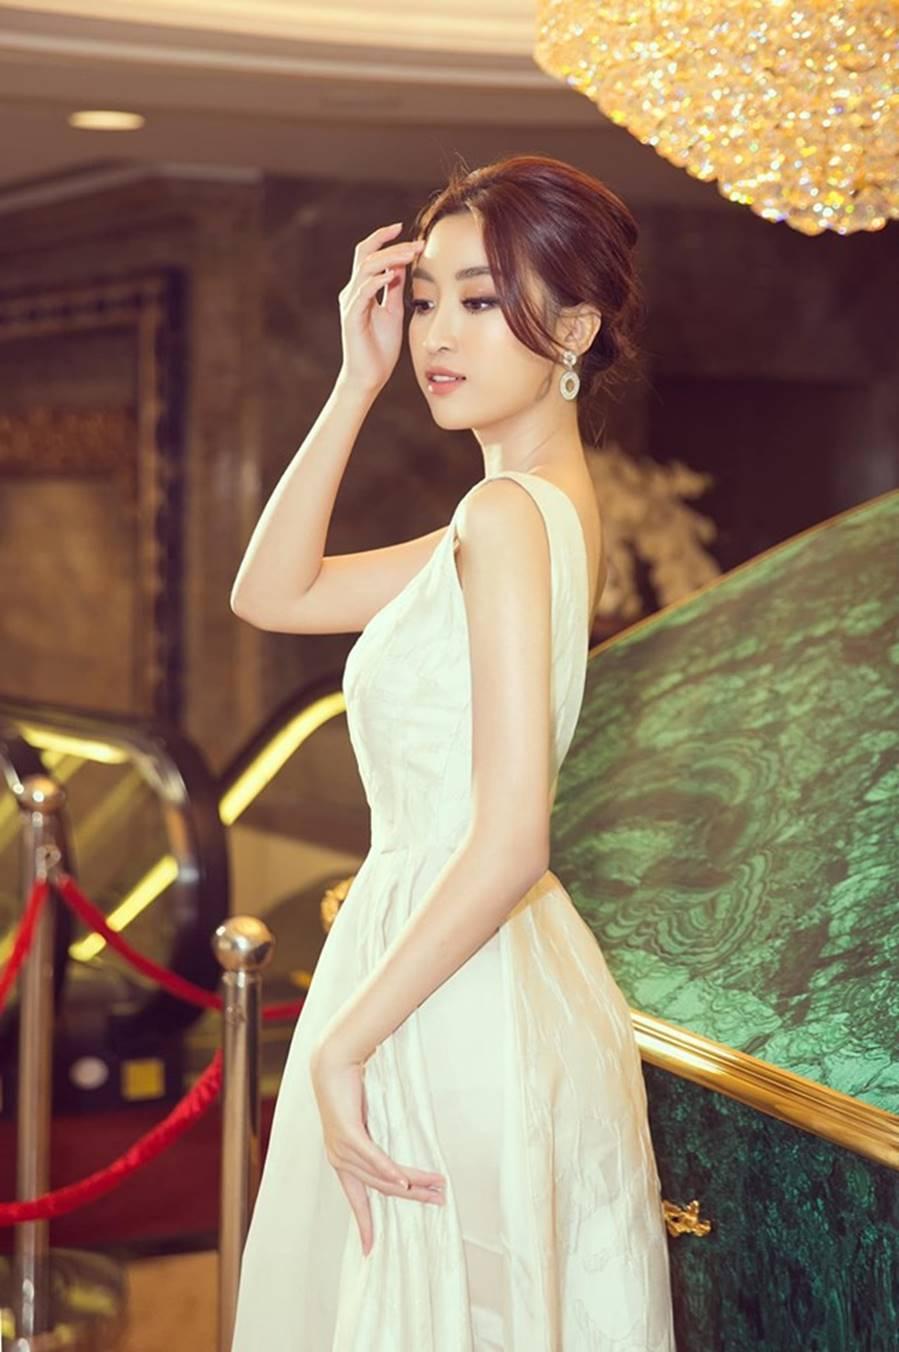 Tiểu Vy, Phương Nga, Thúy An đọ sắc với váy cắt xẻ táo bạo và gợi cảm-9